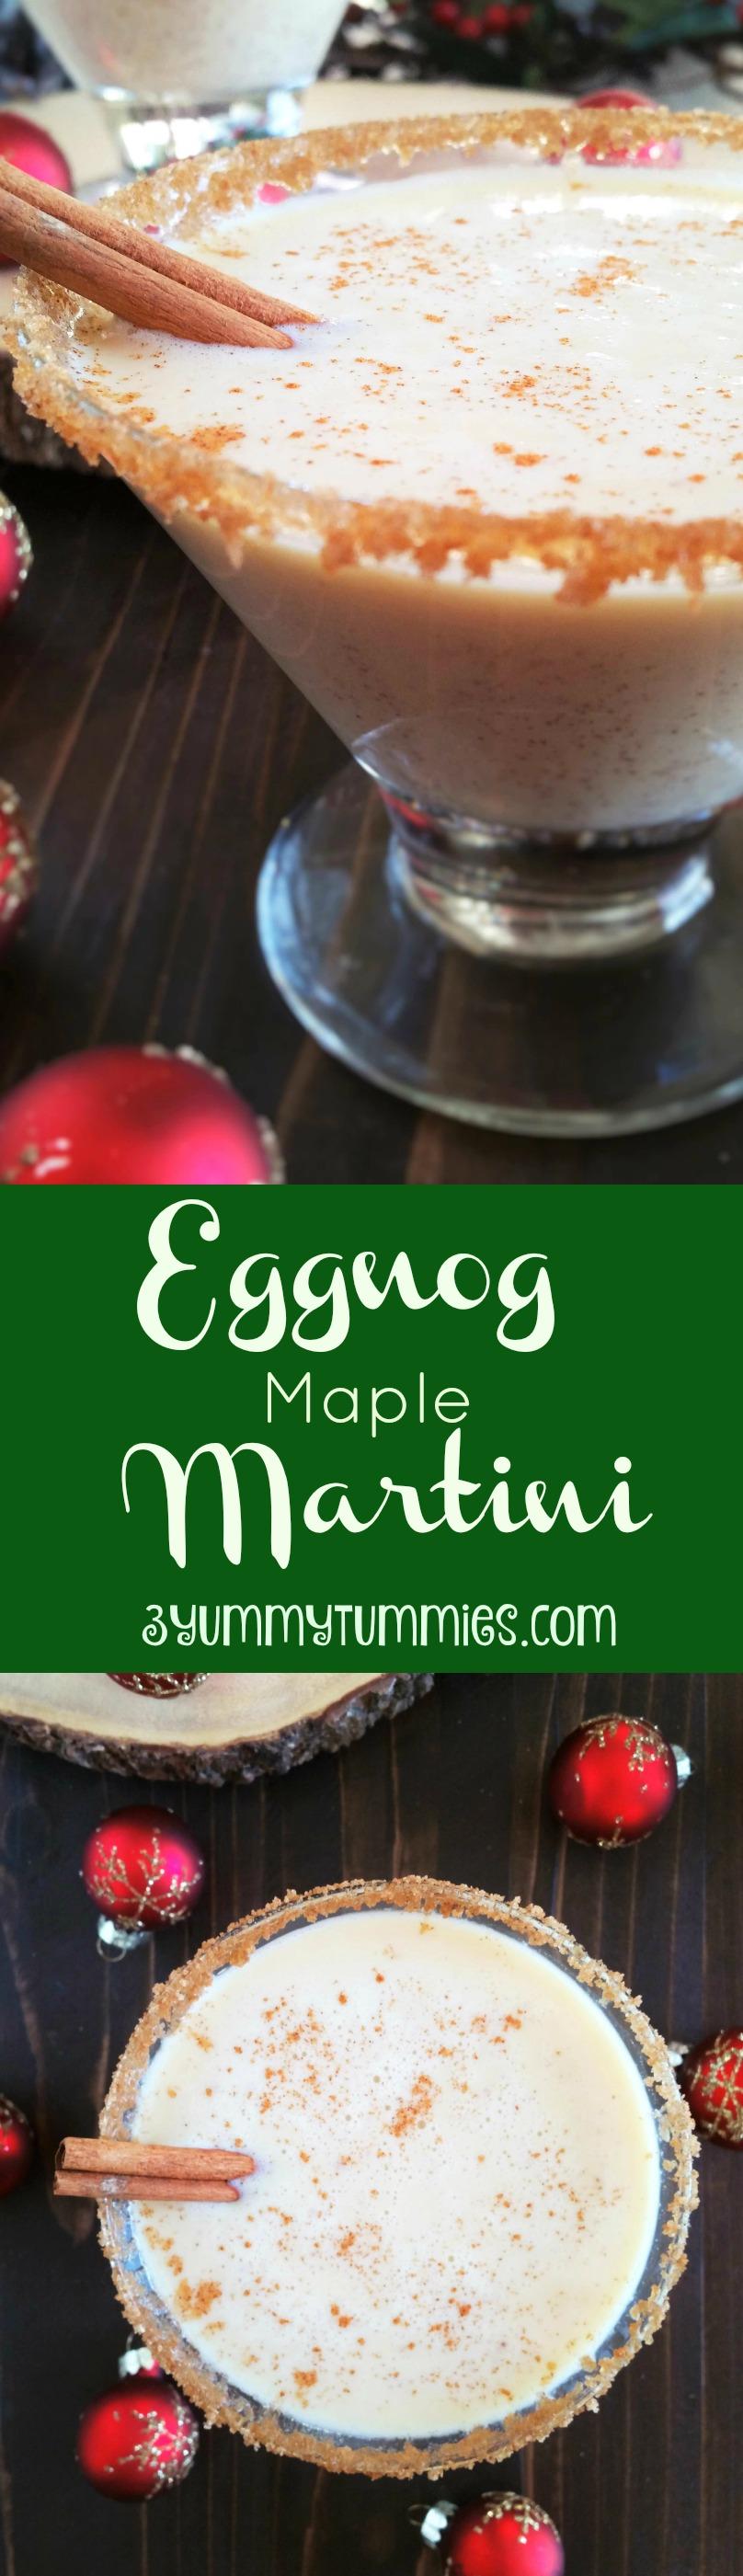 Eggnog Maple Martini